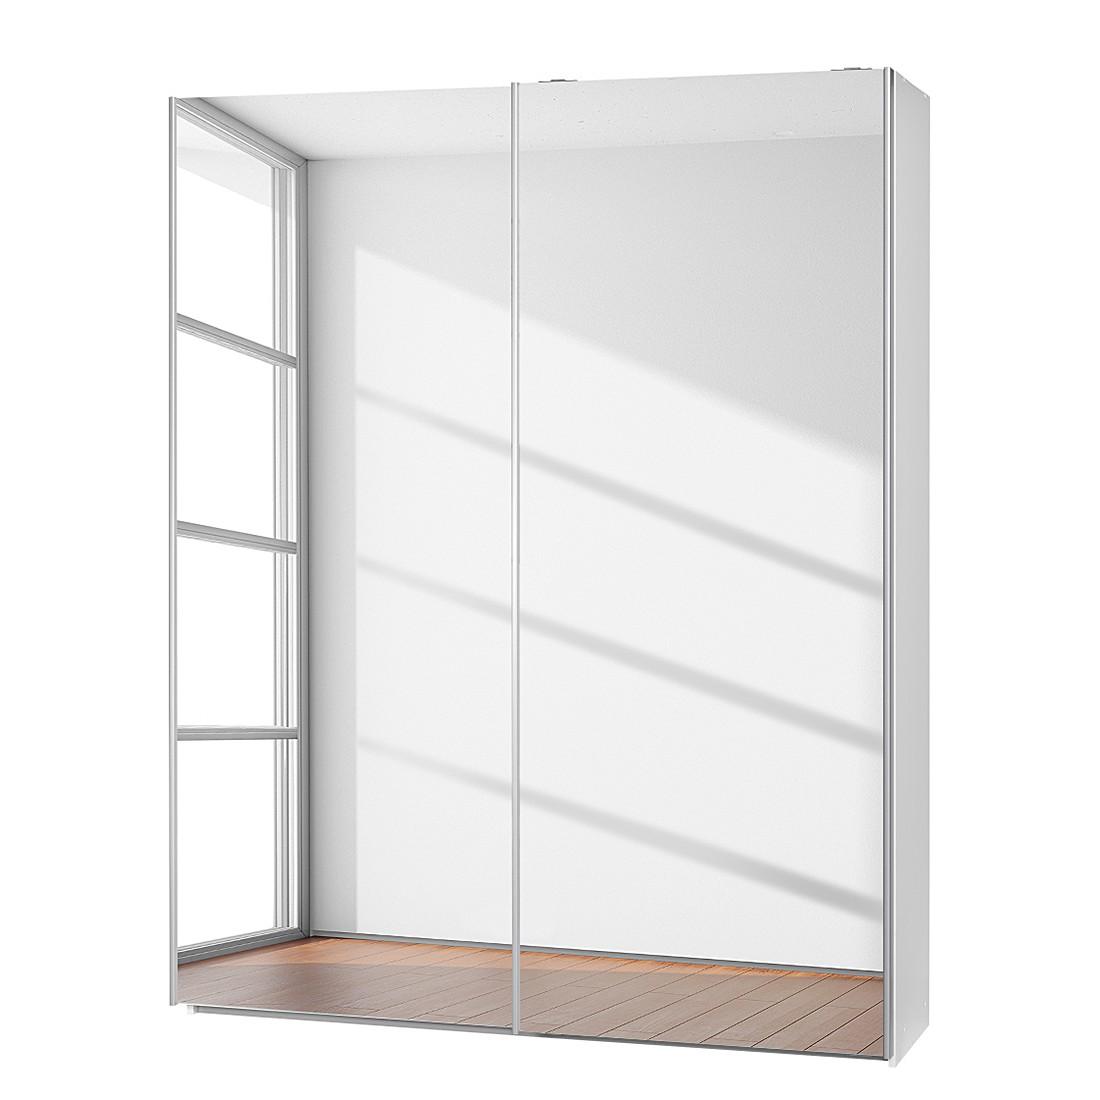 Schwebetürenschrank Schmal schwebetürenschrank smart i weiß spiegeltüren breite 150